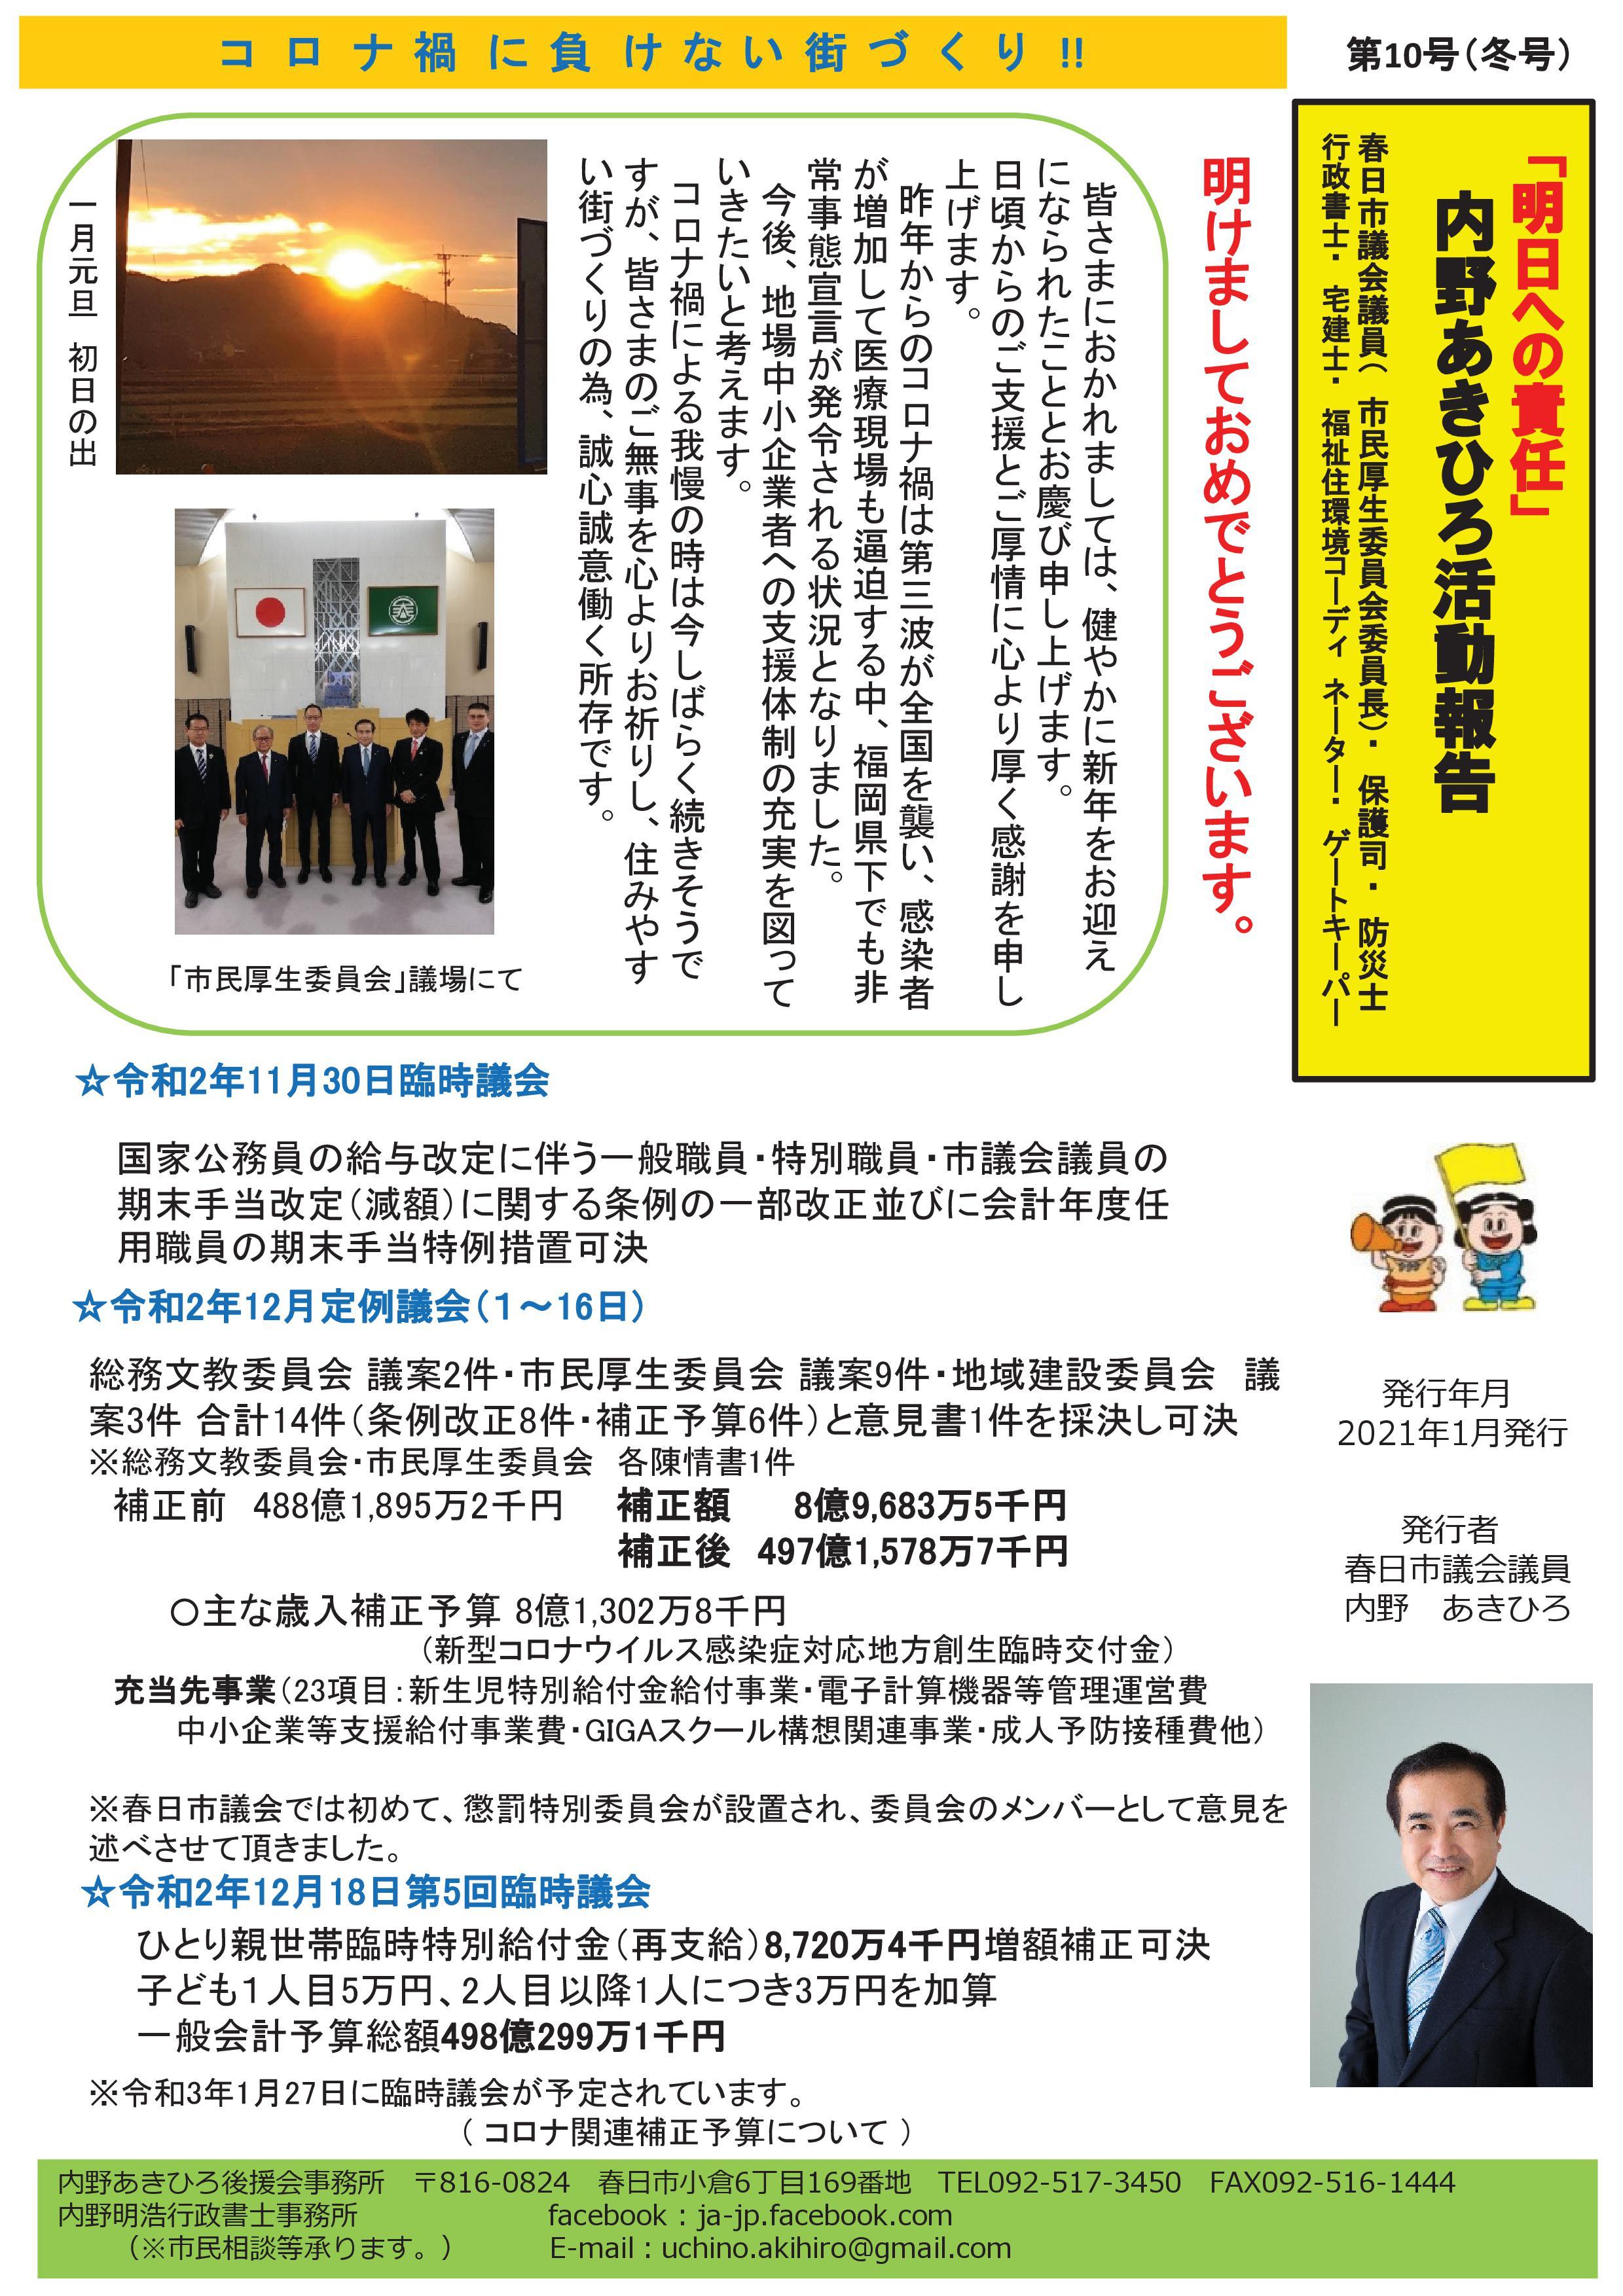 春日市議会議員 内野あきひろ 活動報告 第10号 1面